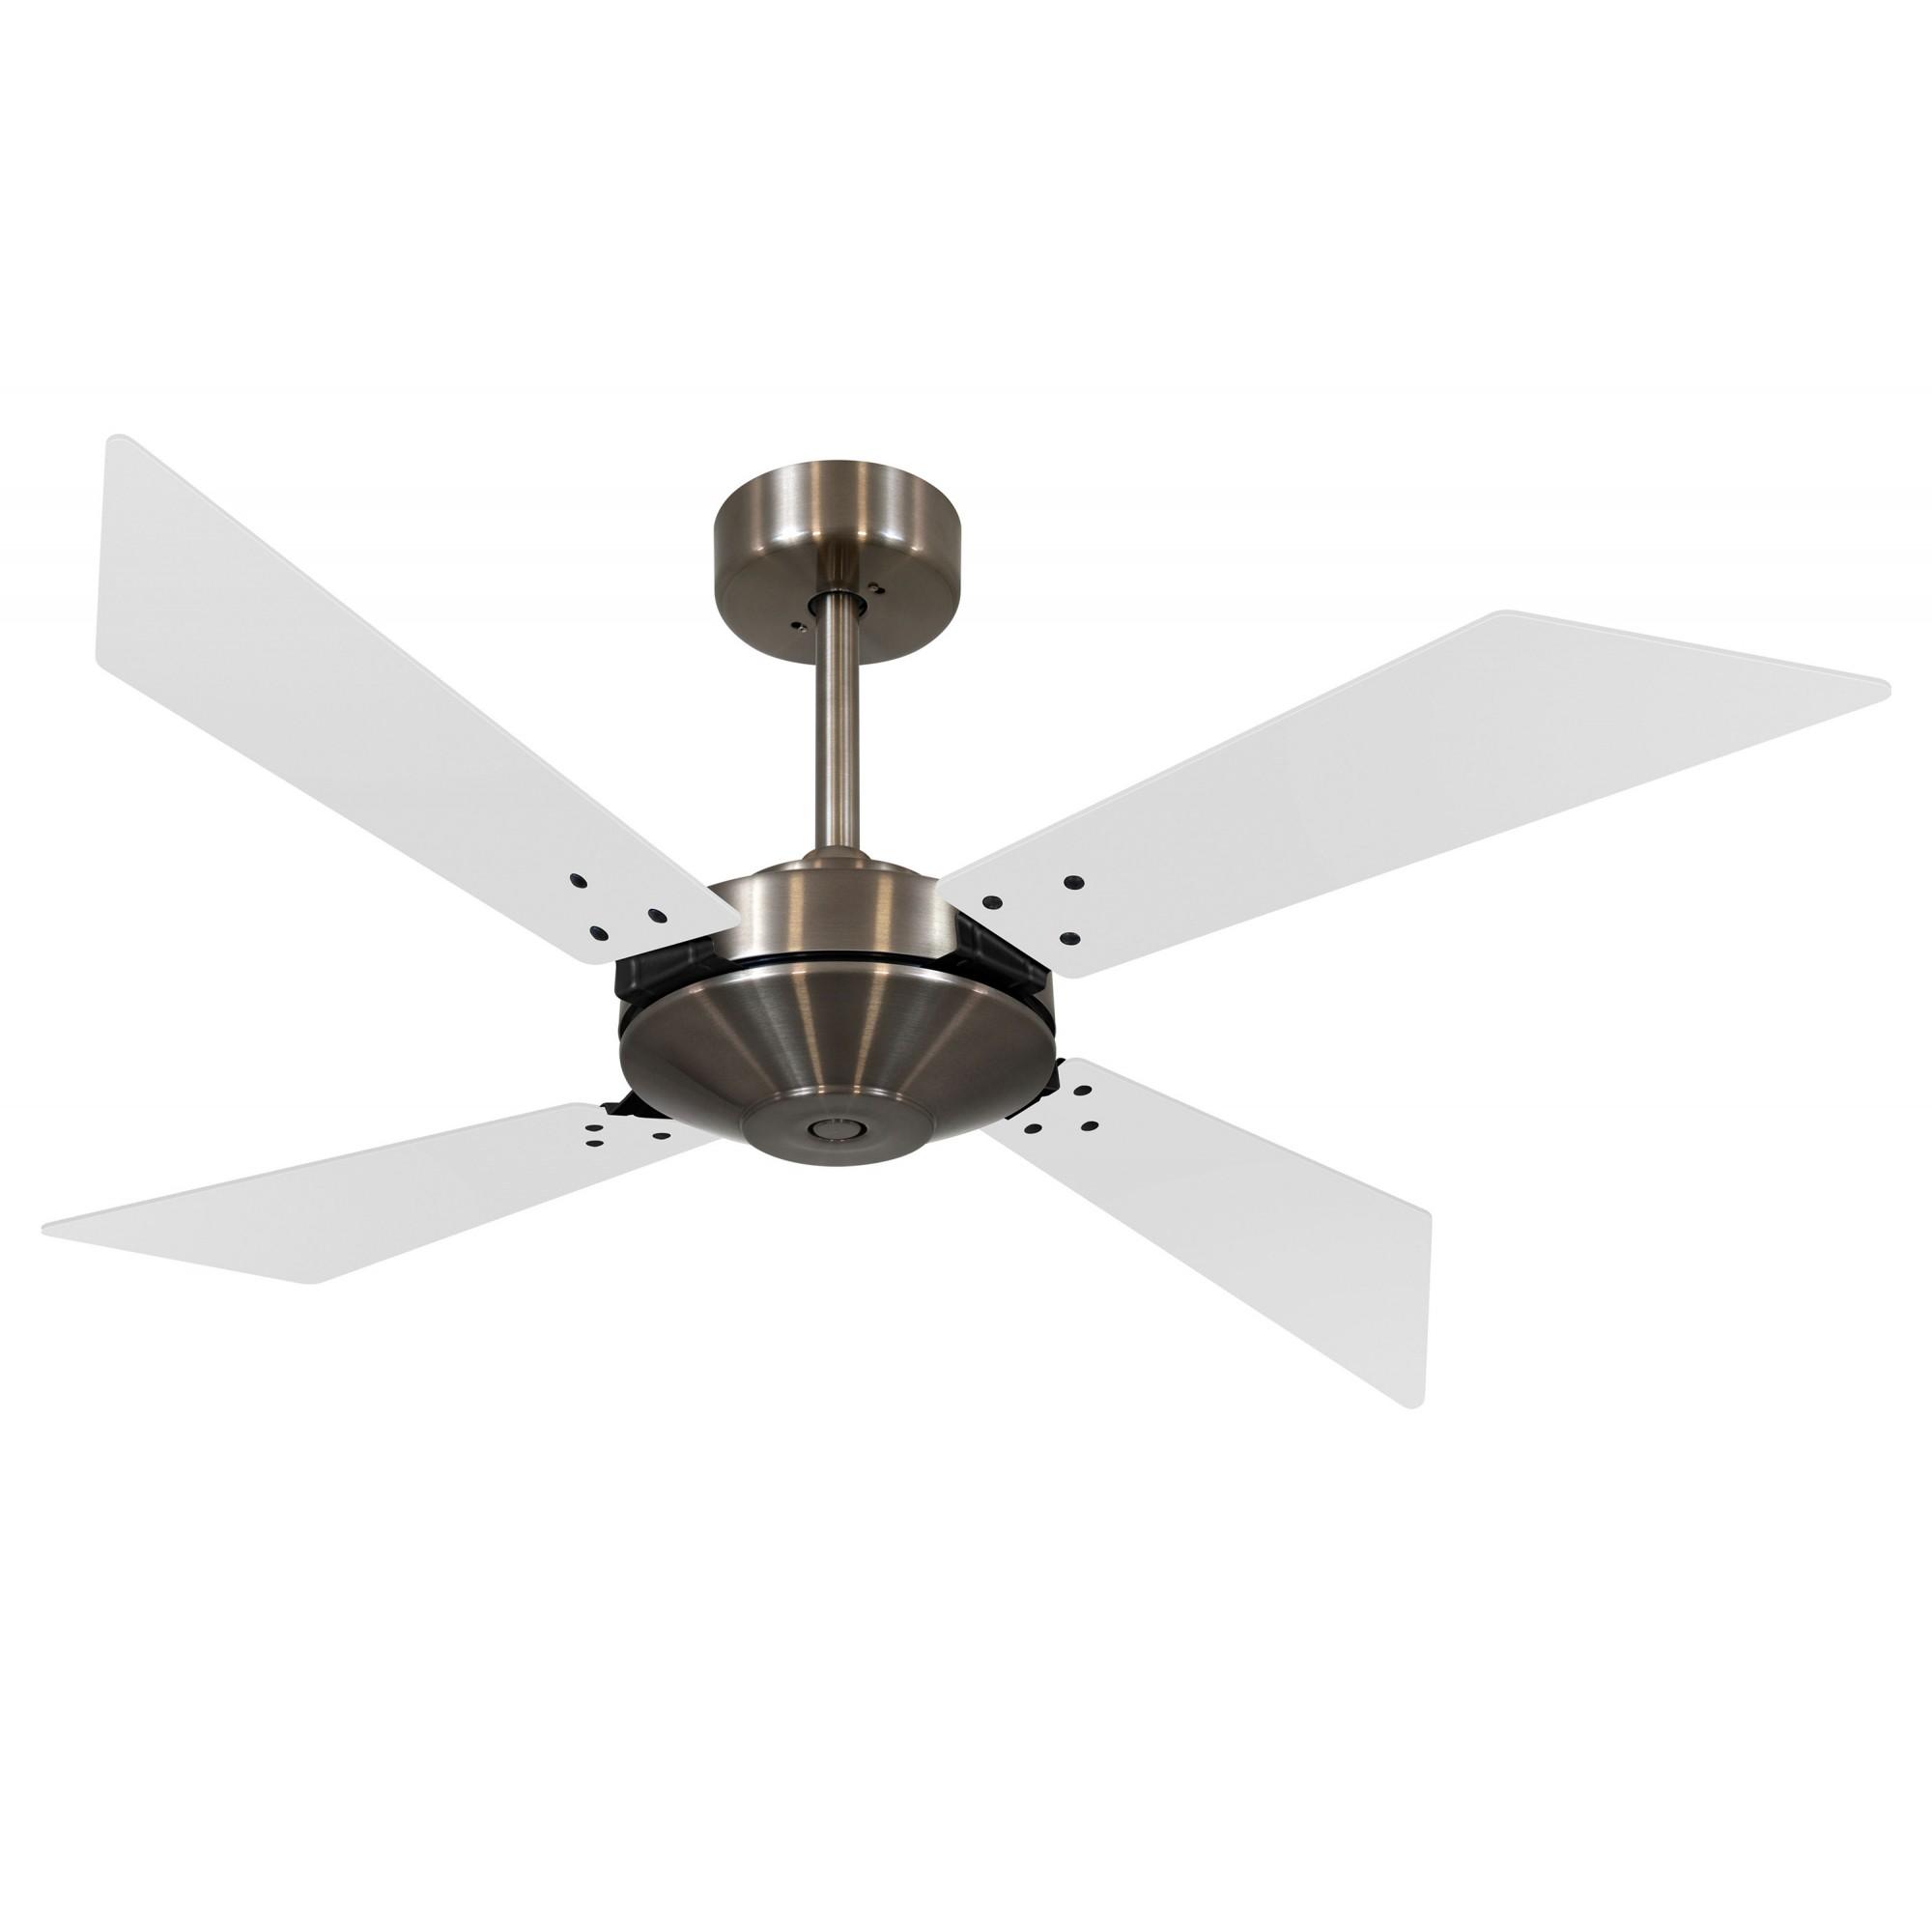 Ventilador de Teto Office Tech Bronze/Br 110V+Controle Rem.